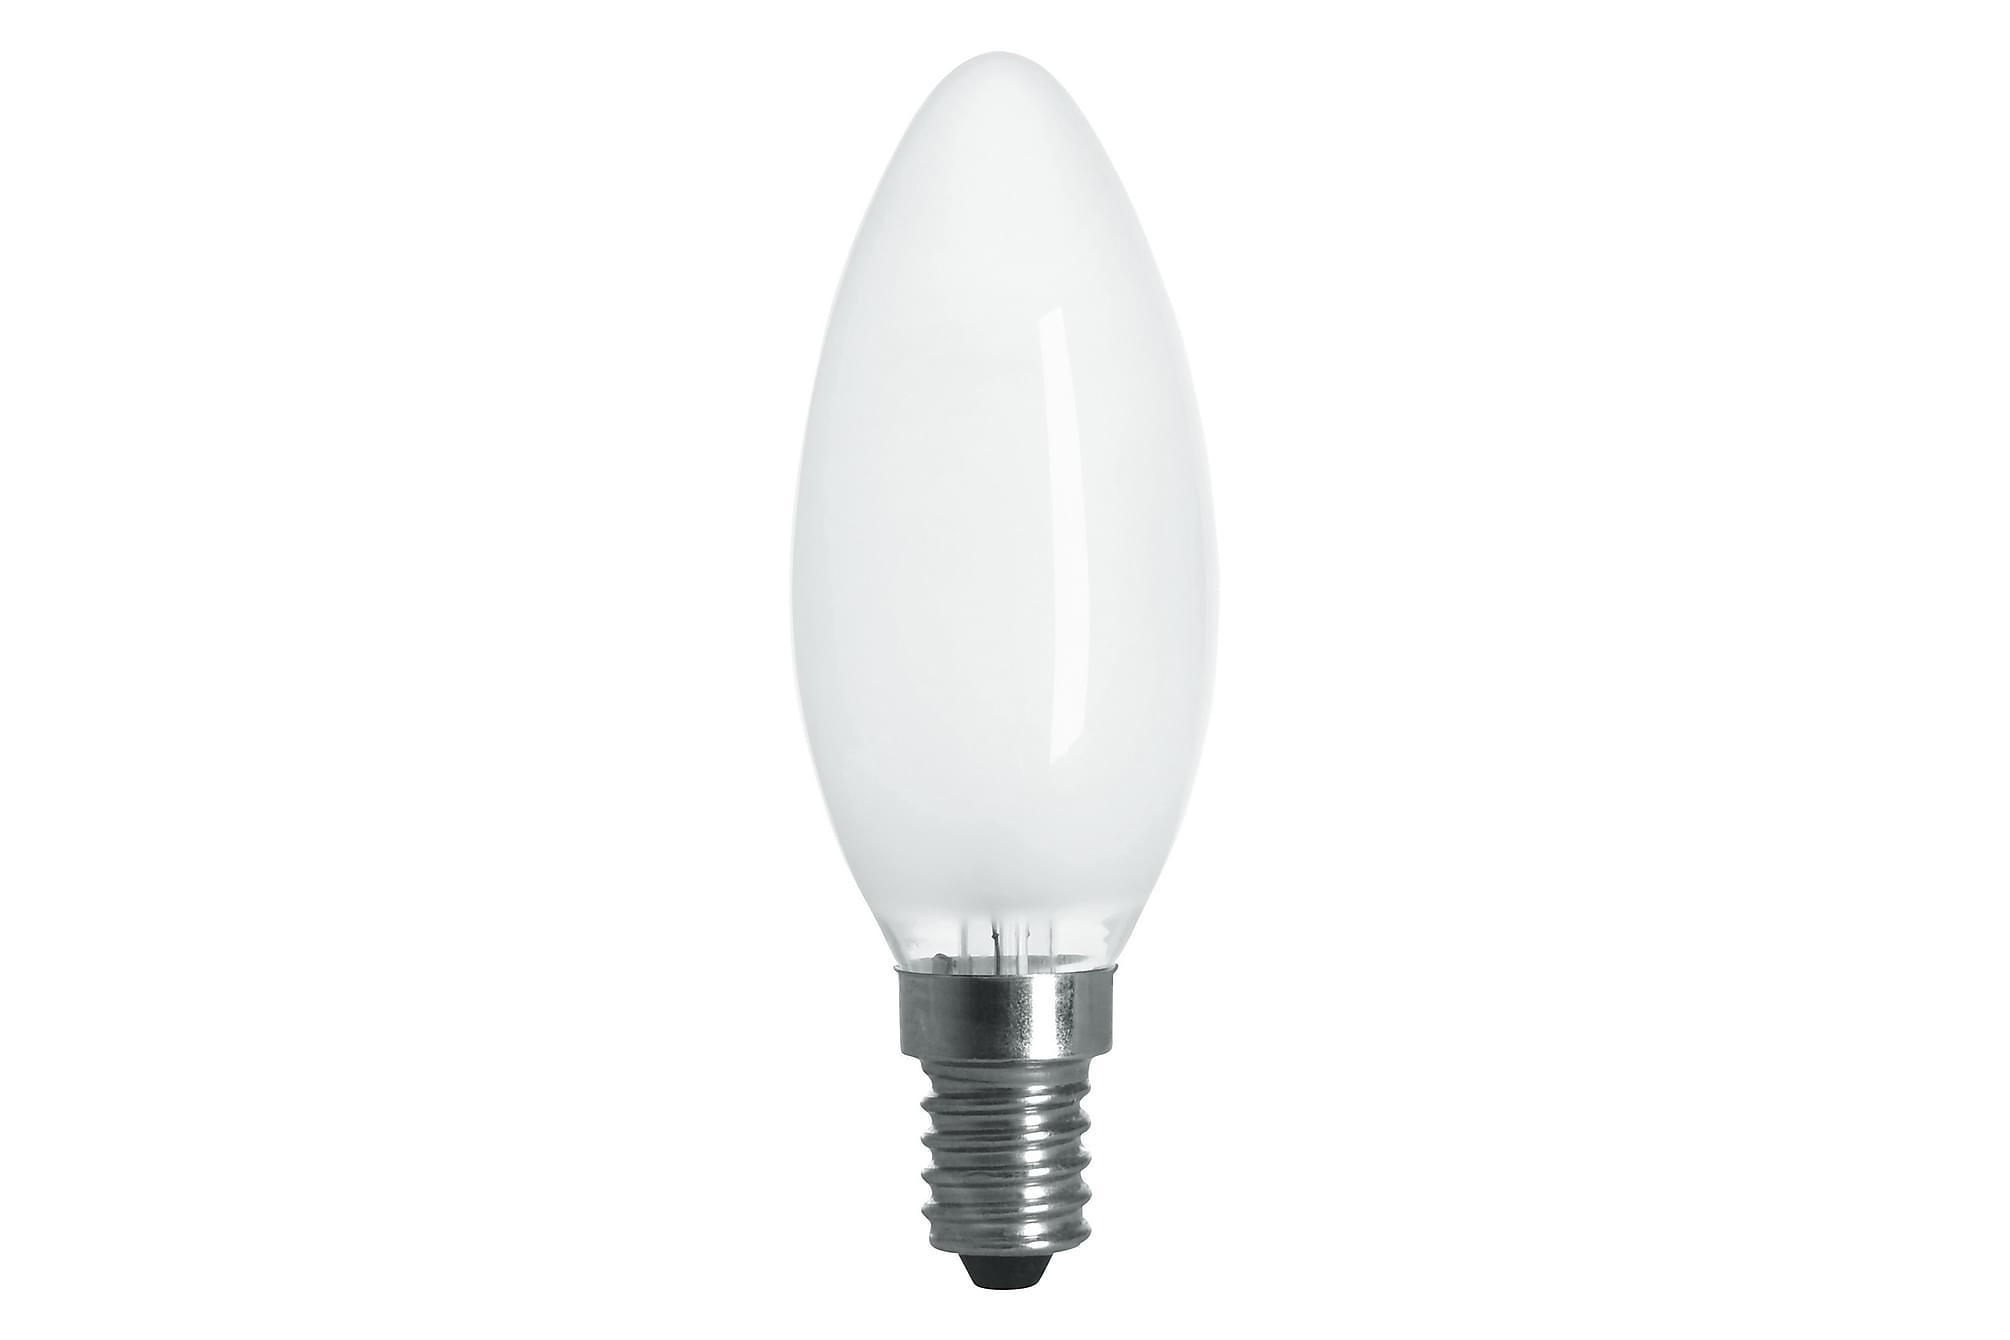 JUNG LED-lampa 3,6W E14 2700K Dim Filament Opal, Glödlampor & ljuskällor